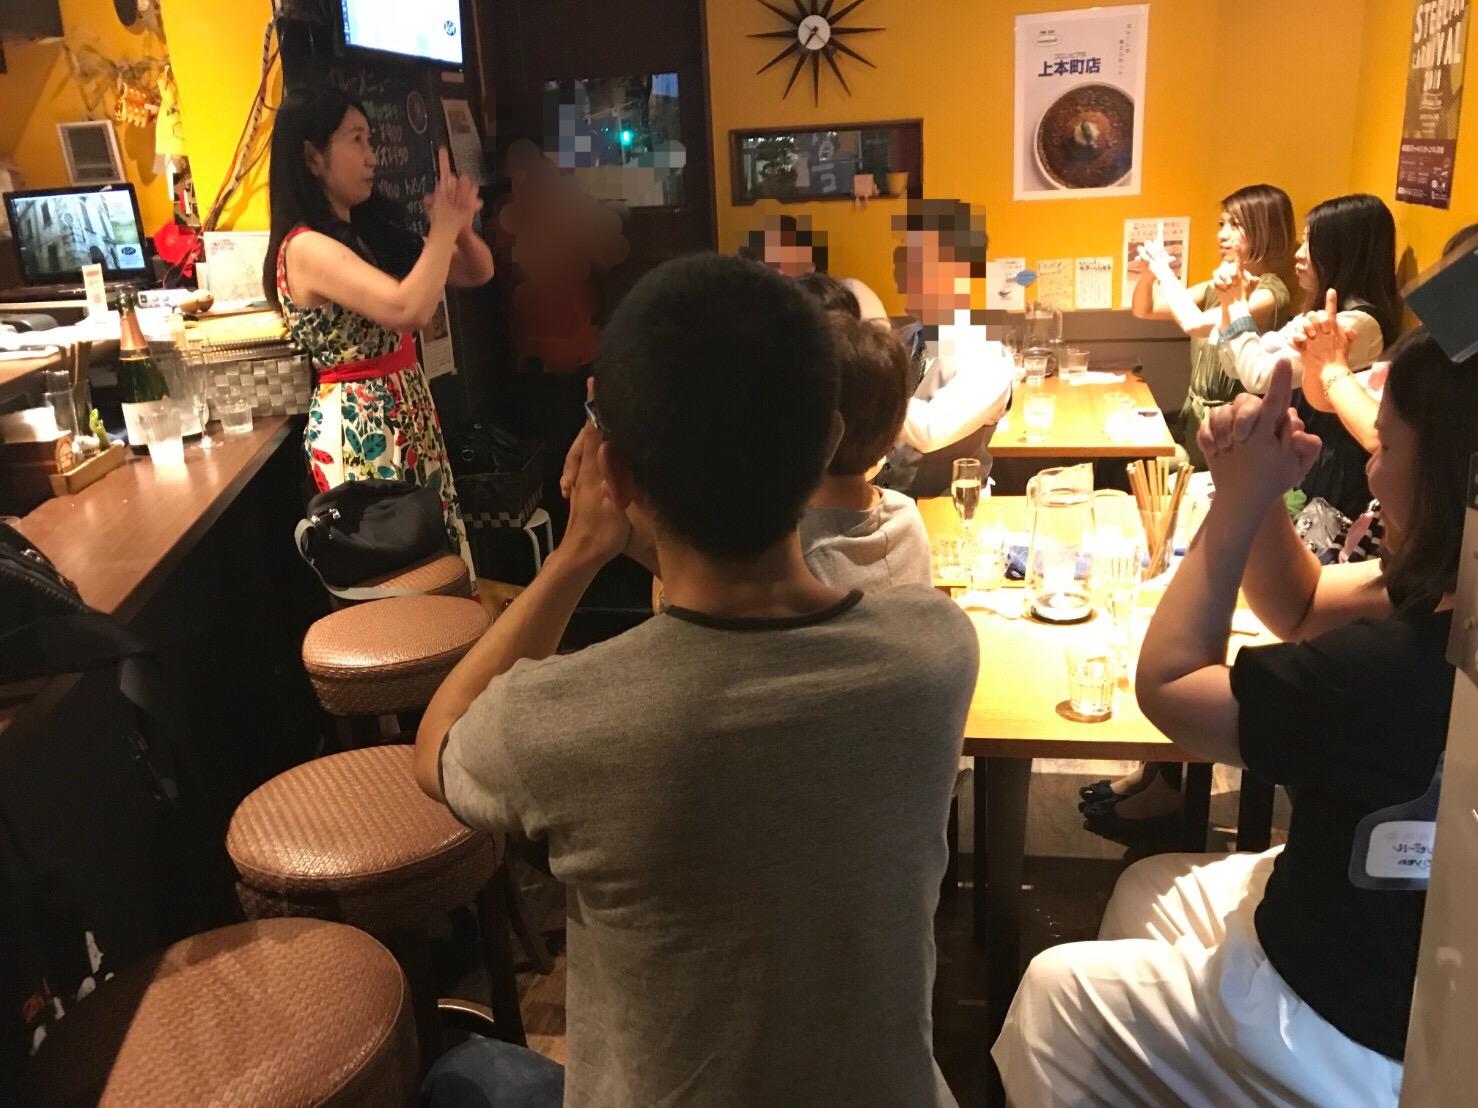 大阪m催眠術体験,スパイスカレーコロンビア8